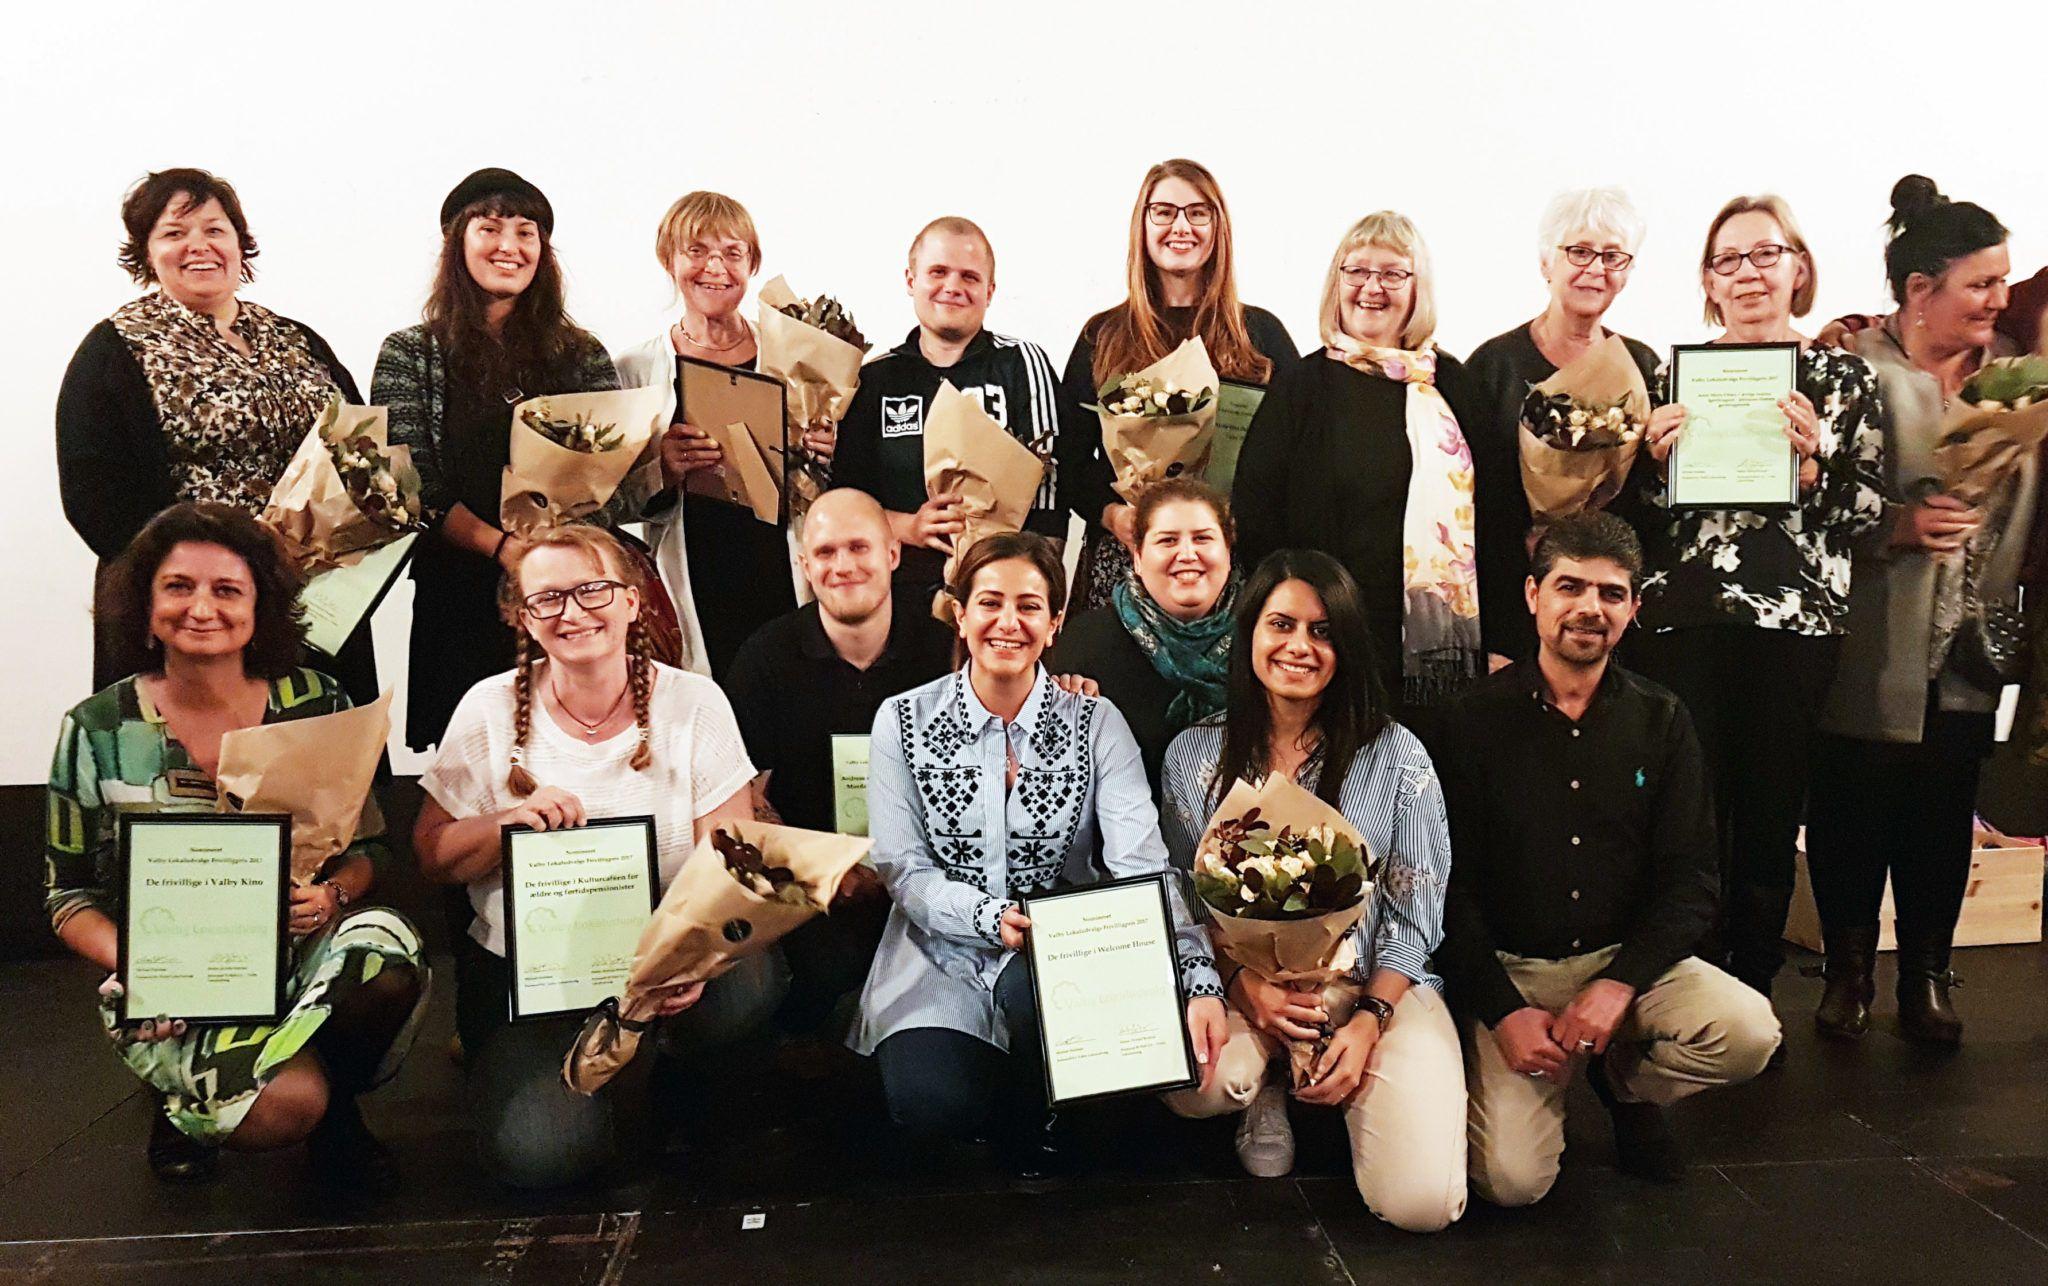 Frivillighedspris Valby Lokaludvalg 2017 indstillede